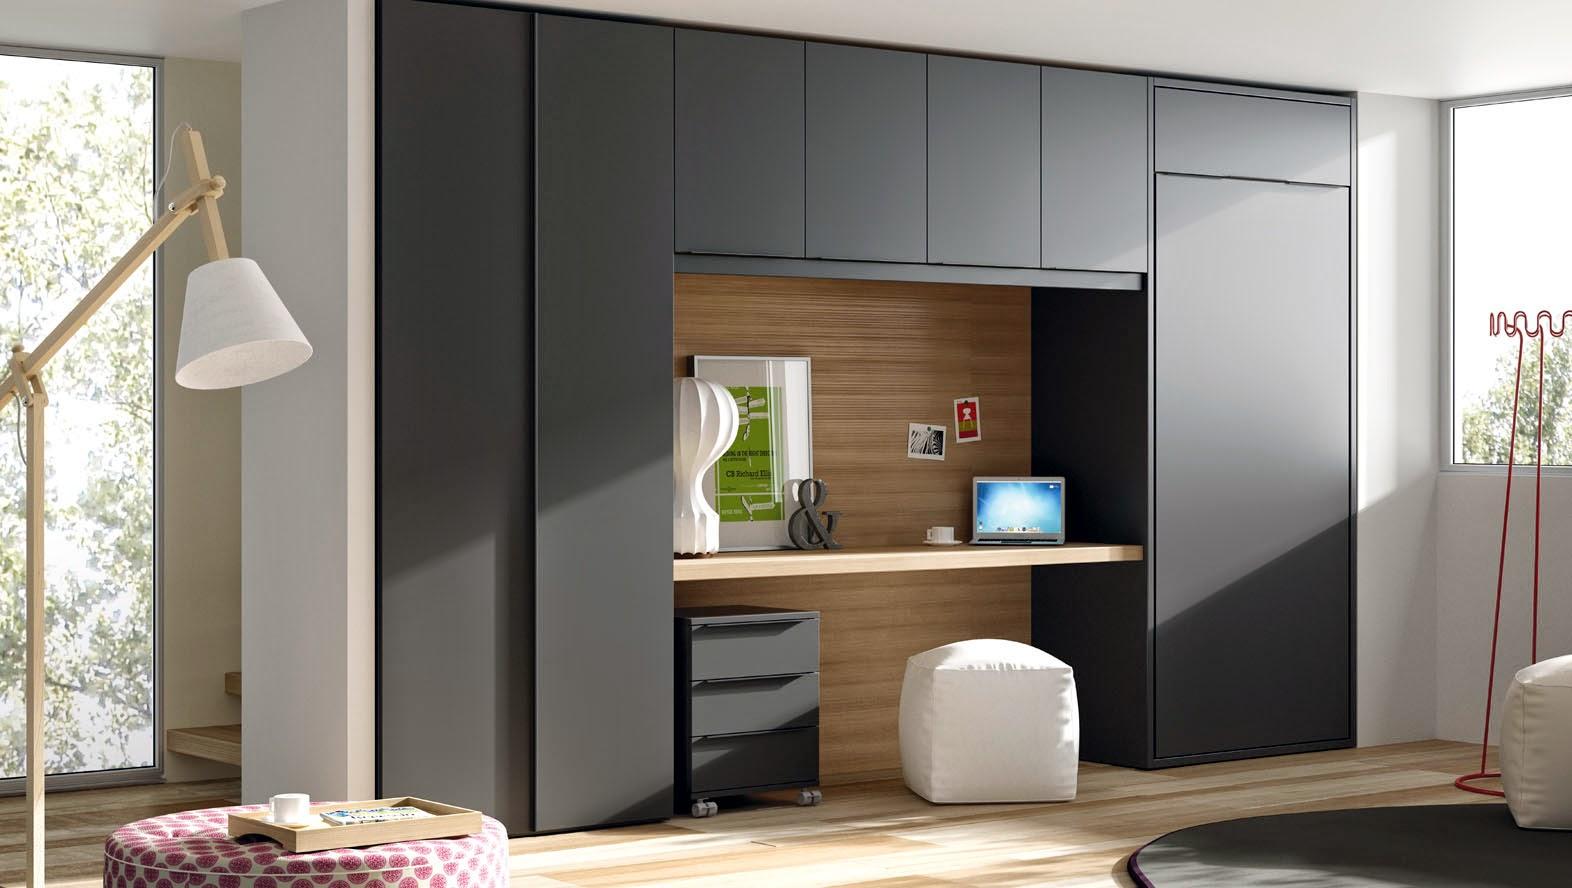 Habitacion juvenil con cama abatible vertical - Habitaciones juveniles originales ...